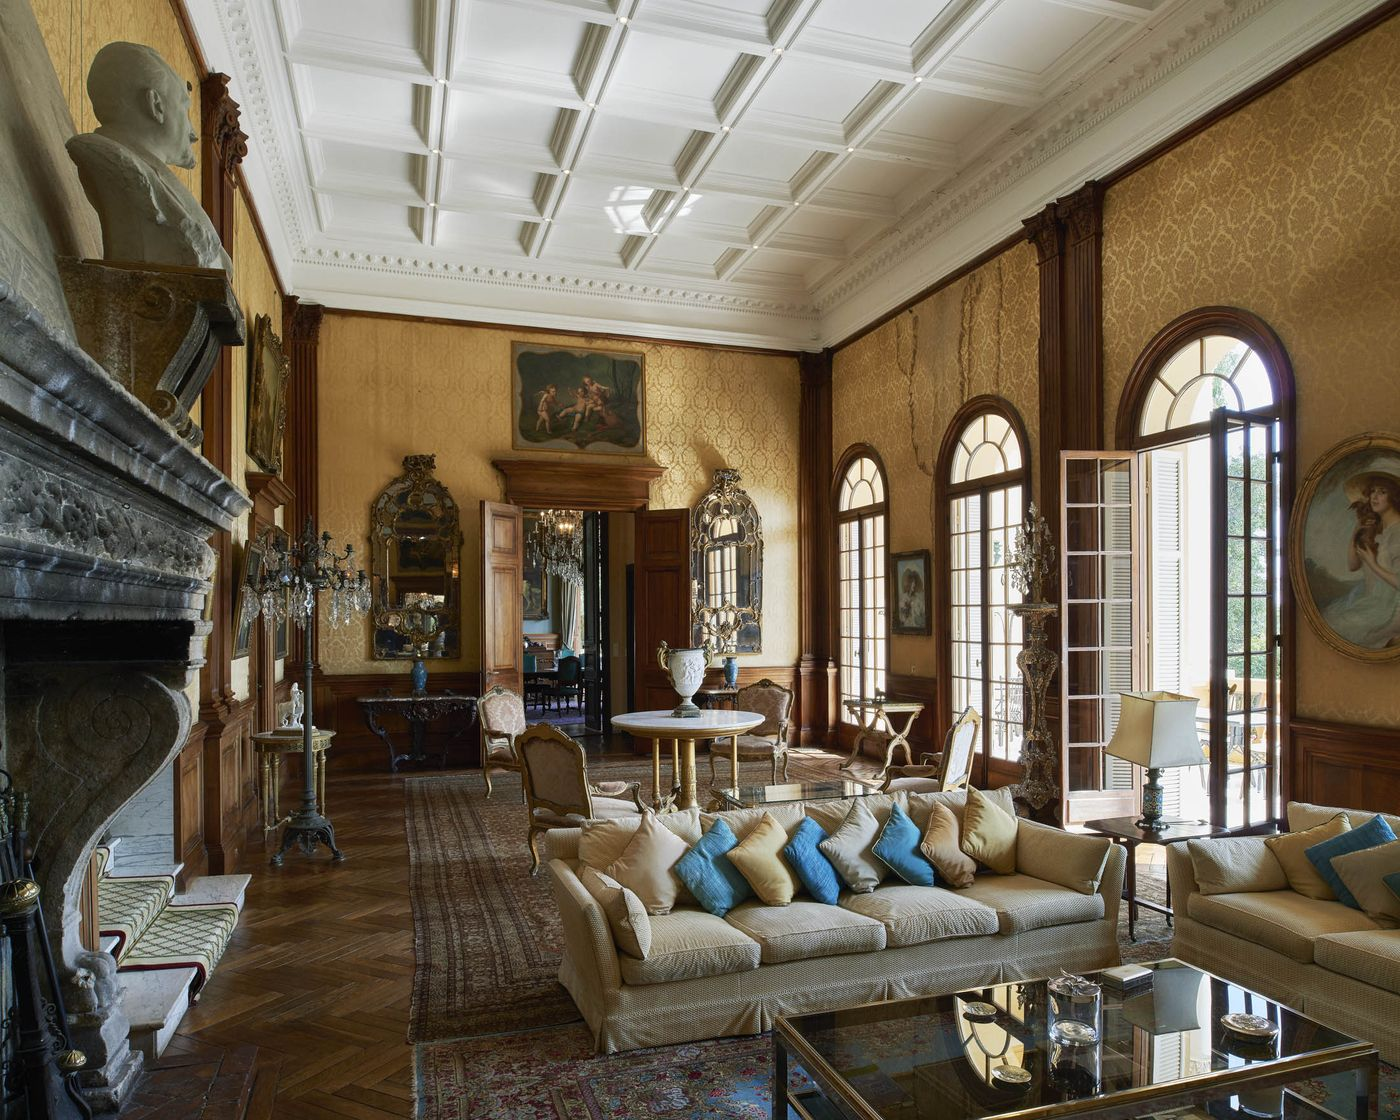 Nội thất bên trong căn nhà khiến người ta nhớ lại thời kỳ hoàng kim Belle Epoque: phòng khách lớn, đèn chùm, cửa kiểu Pháp, chân dung phong cách thế kỷ 19 cao từ sàn đến trần với khung chạm khắc cầu kỳ.